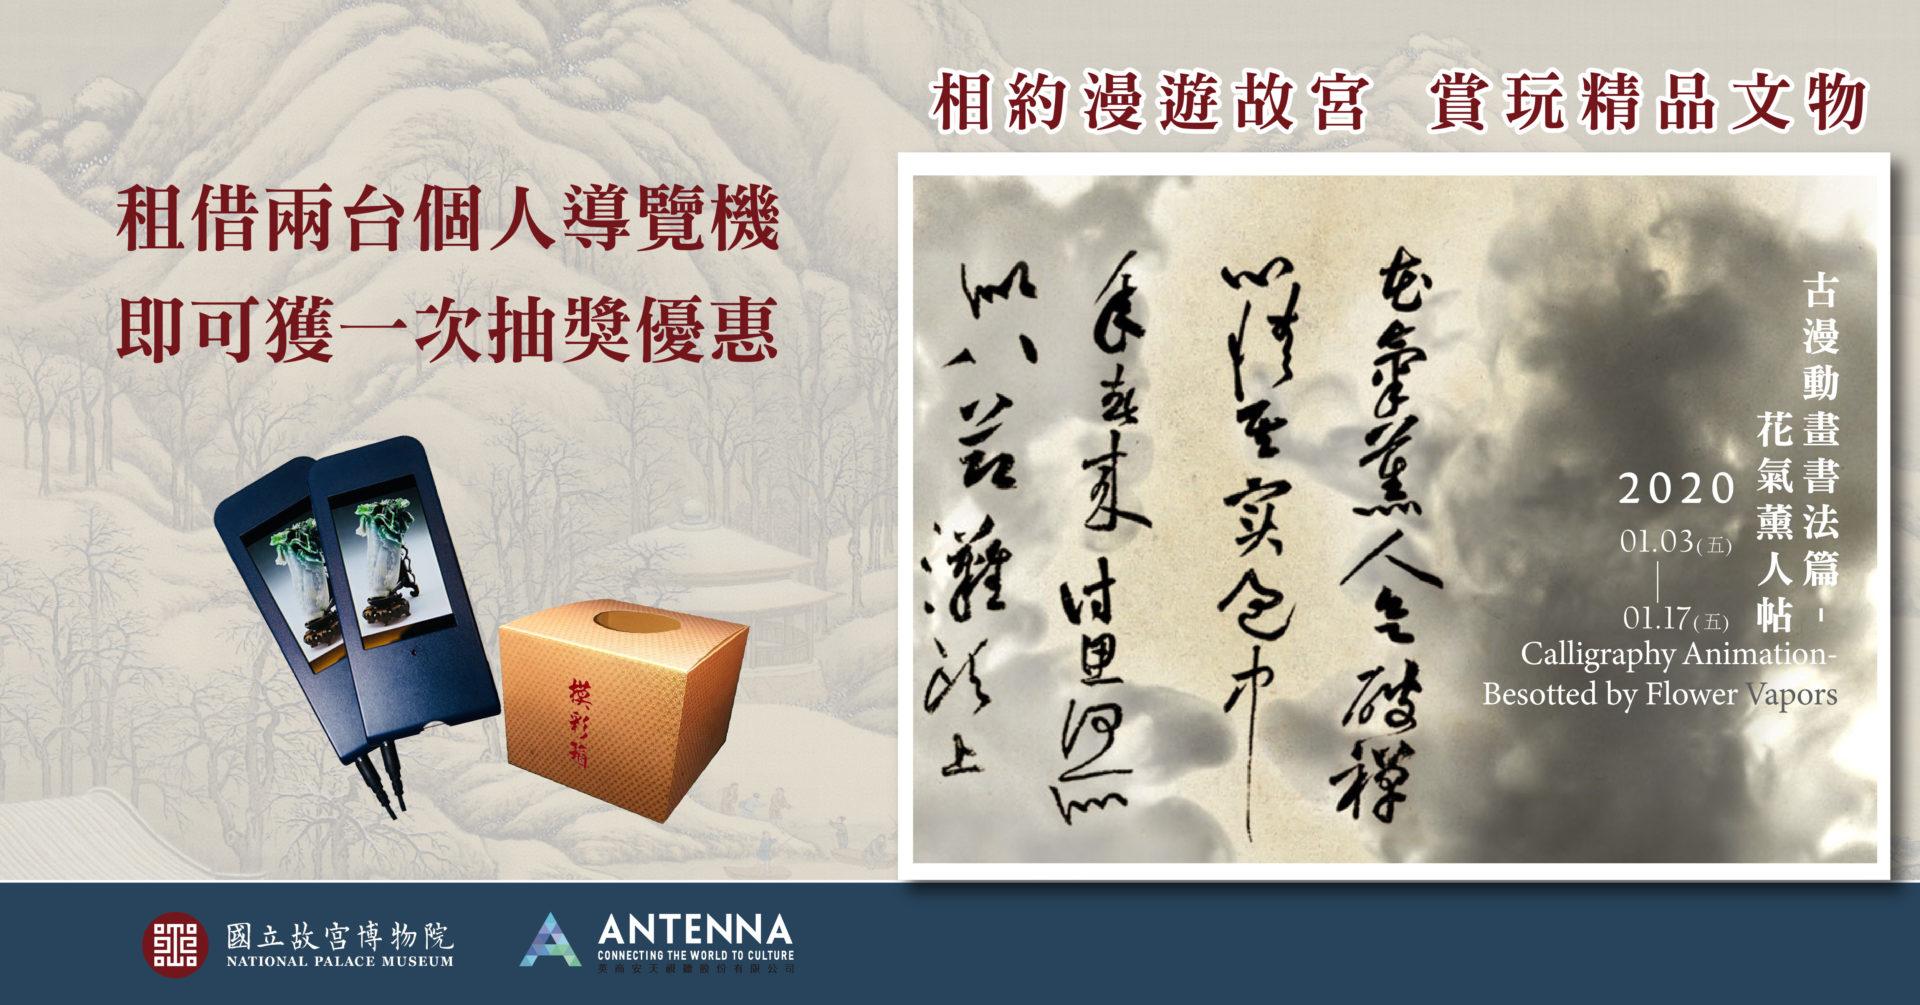 國立故宮博物院:2020/01/03-2020/01/17【相約漫遊故宮 賞玩精品文物】